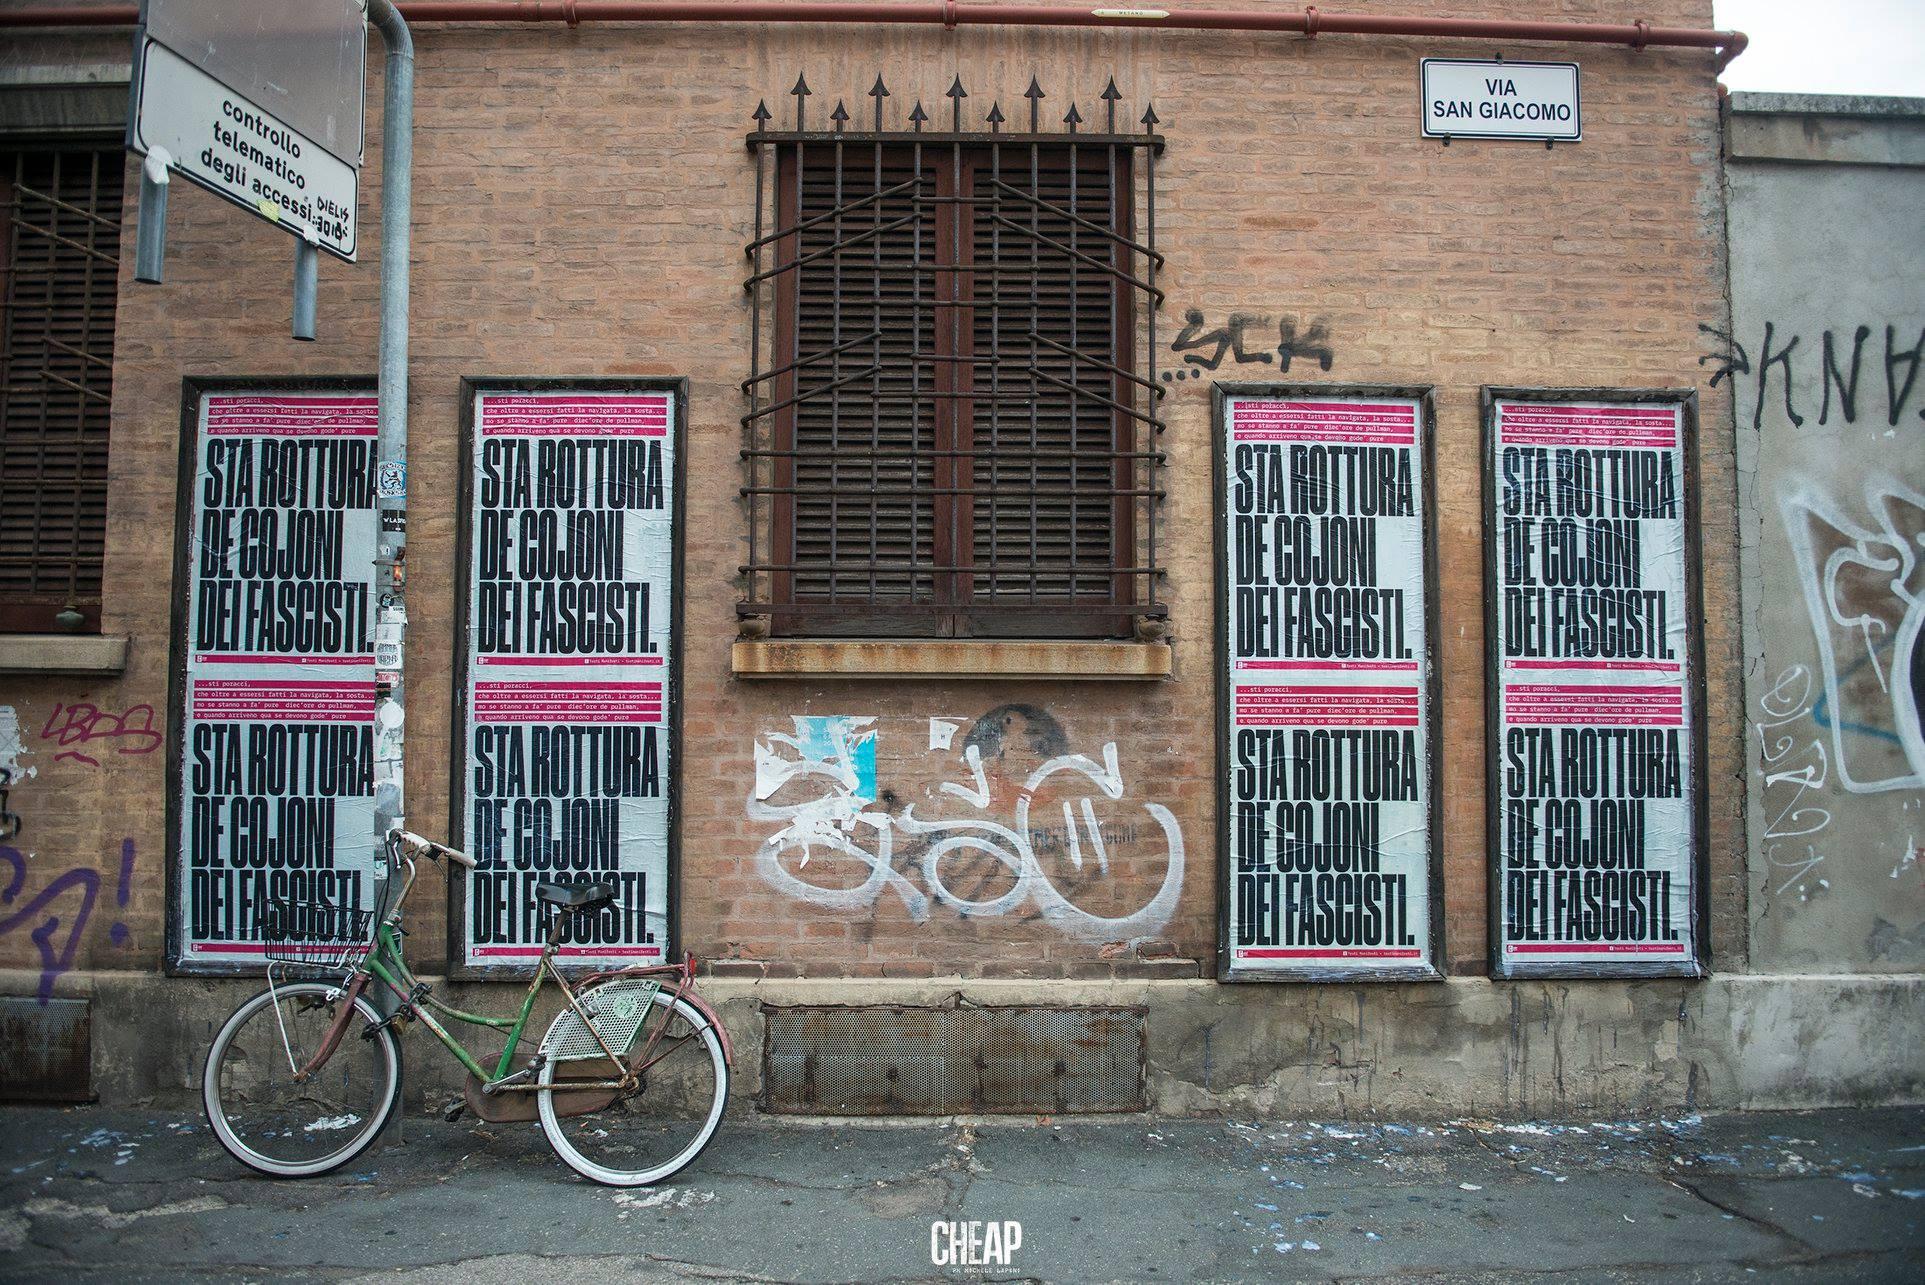 Sta rottura de cojoni dei fascisti Bologna Cheap Poster